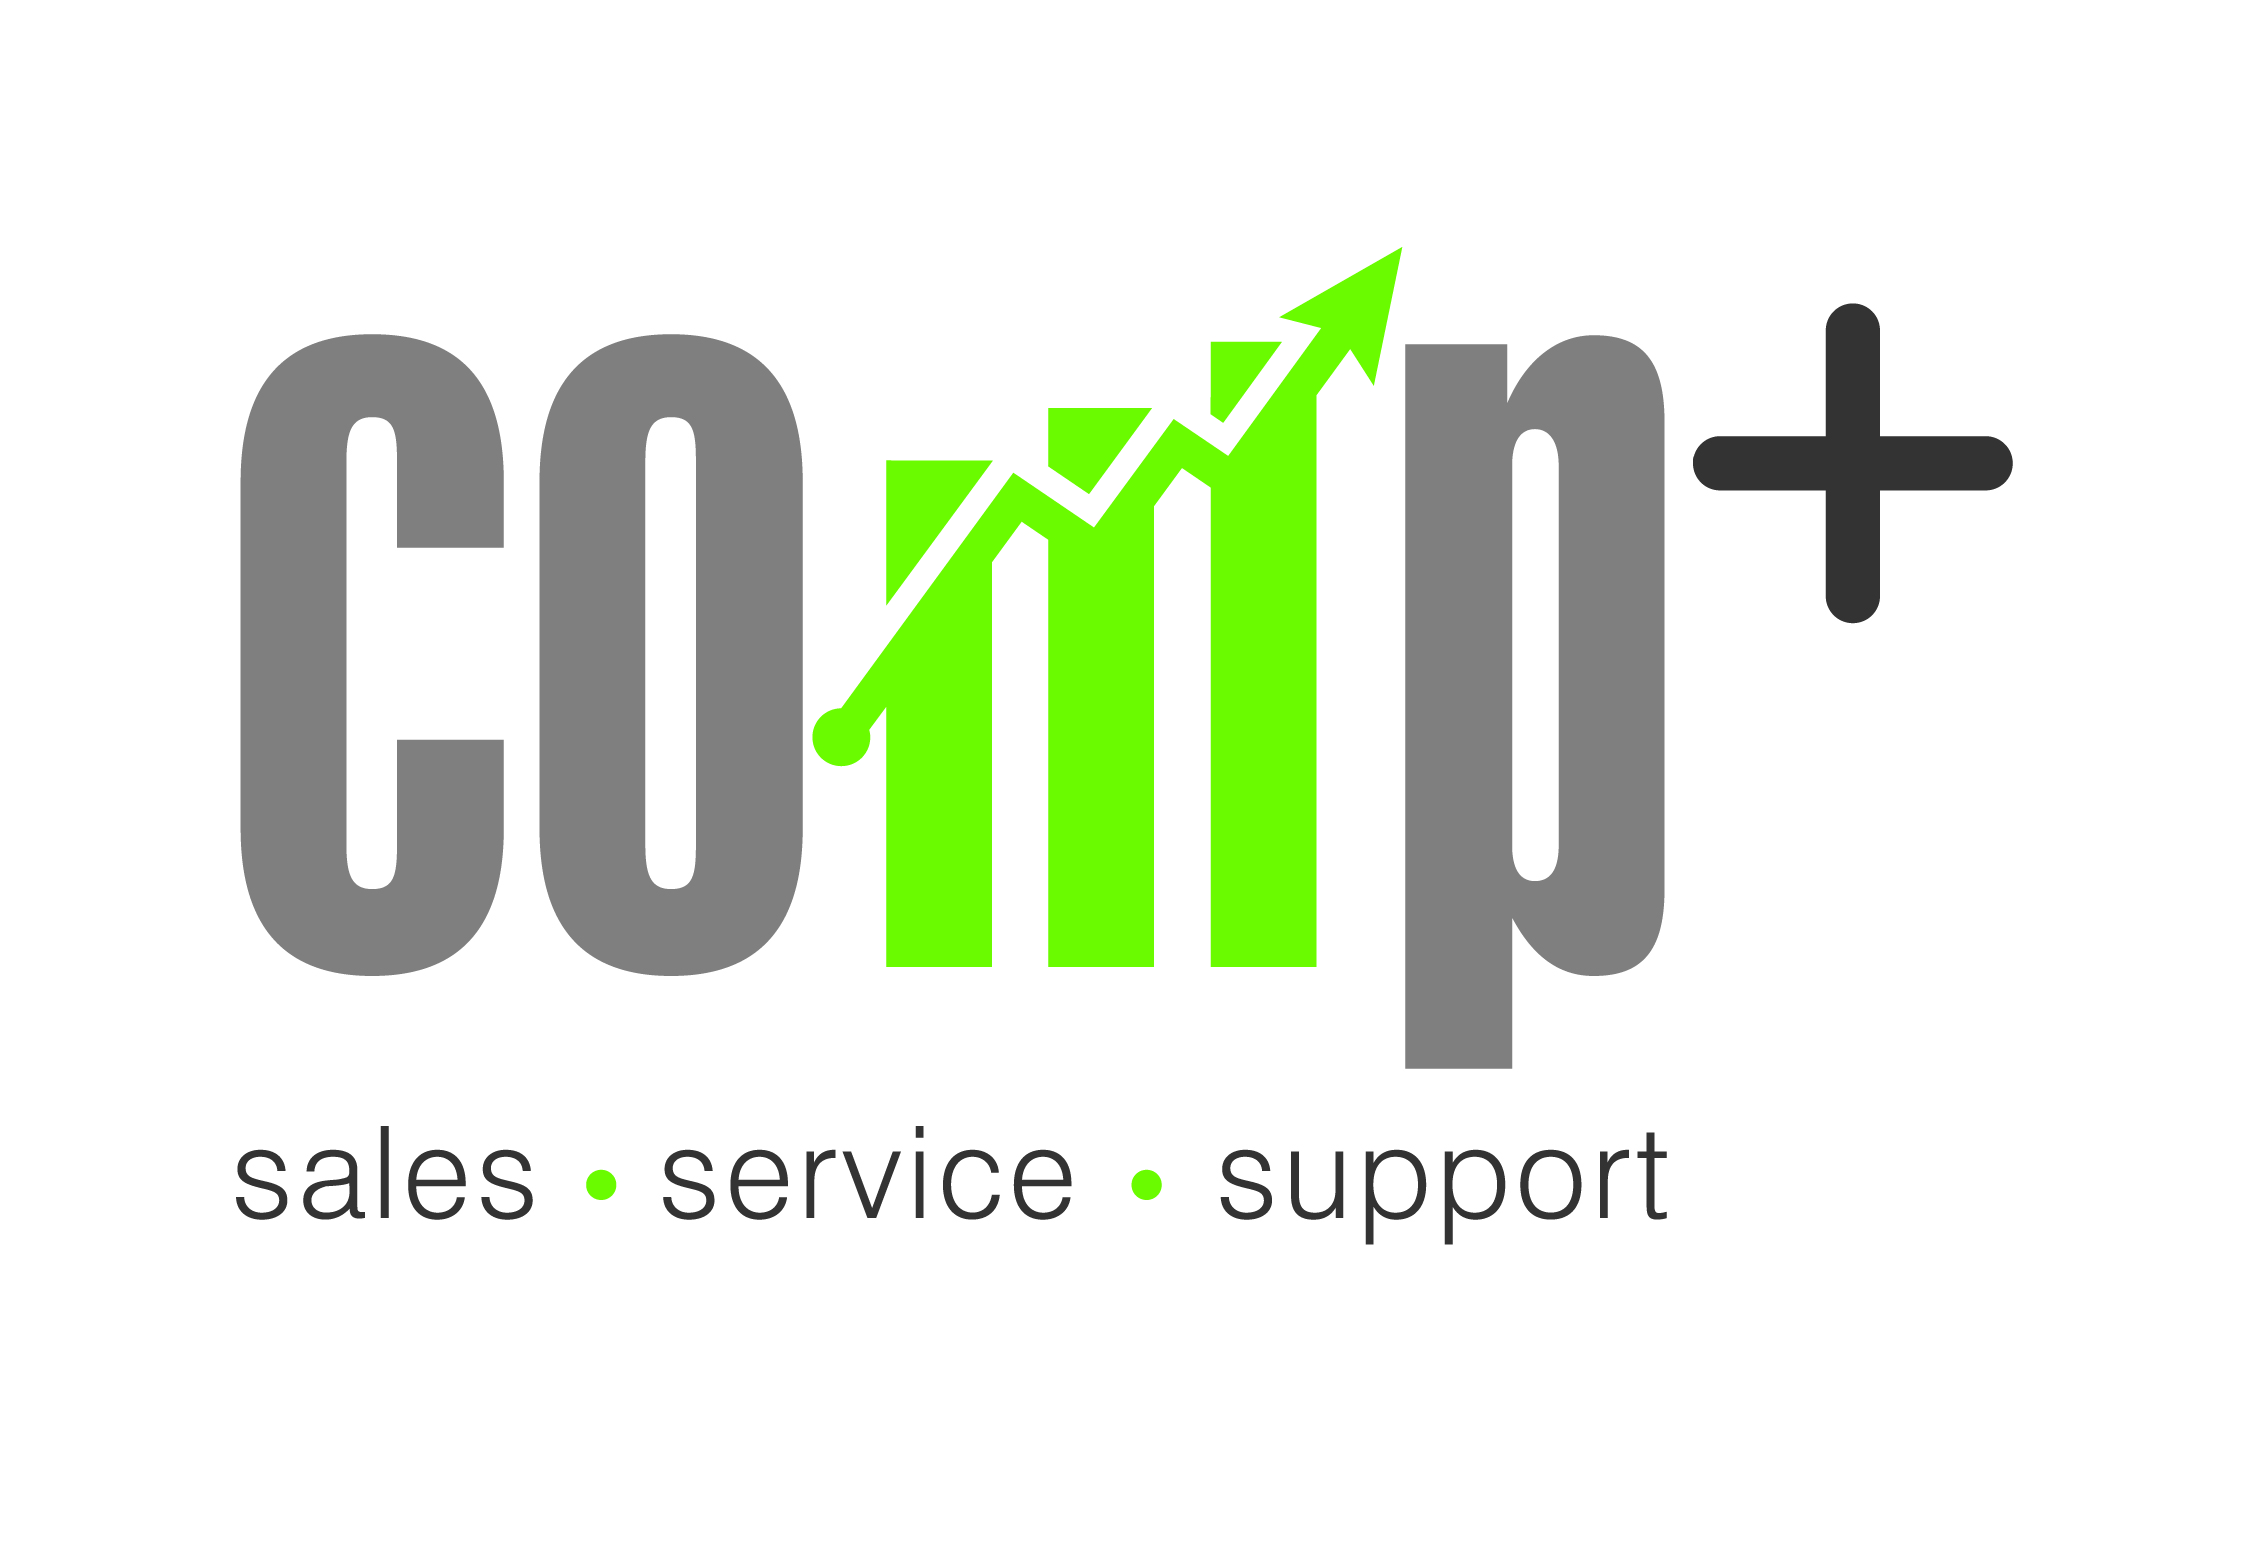 Comp+, LLC